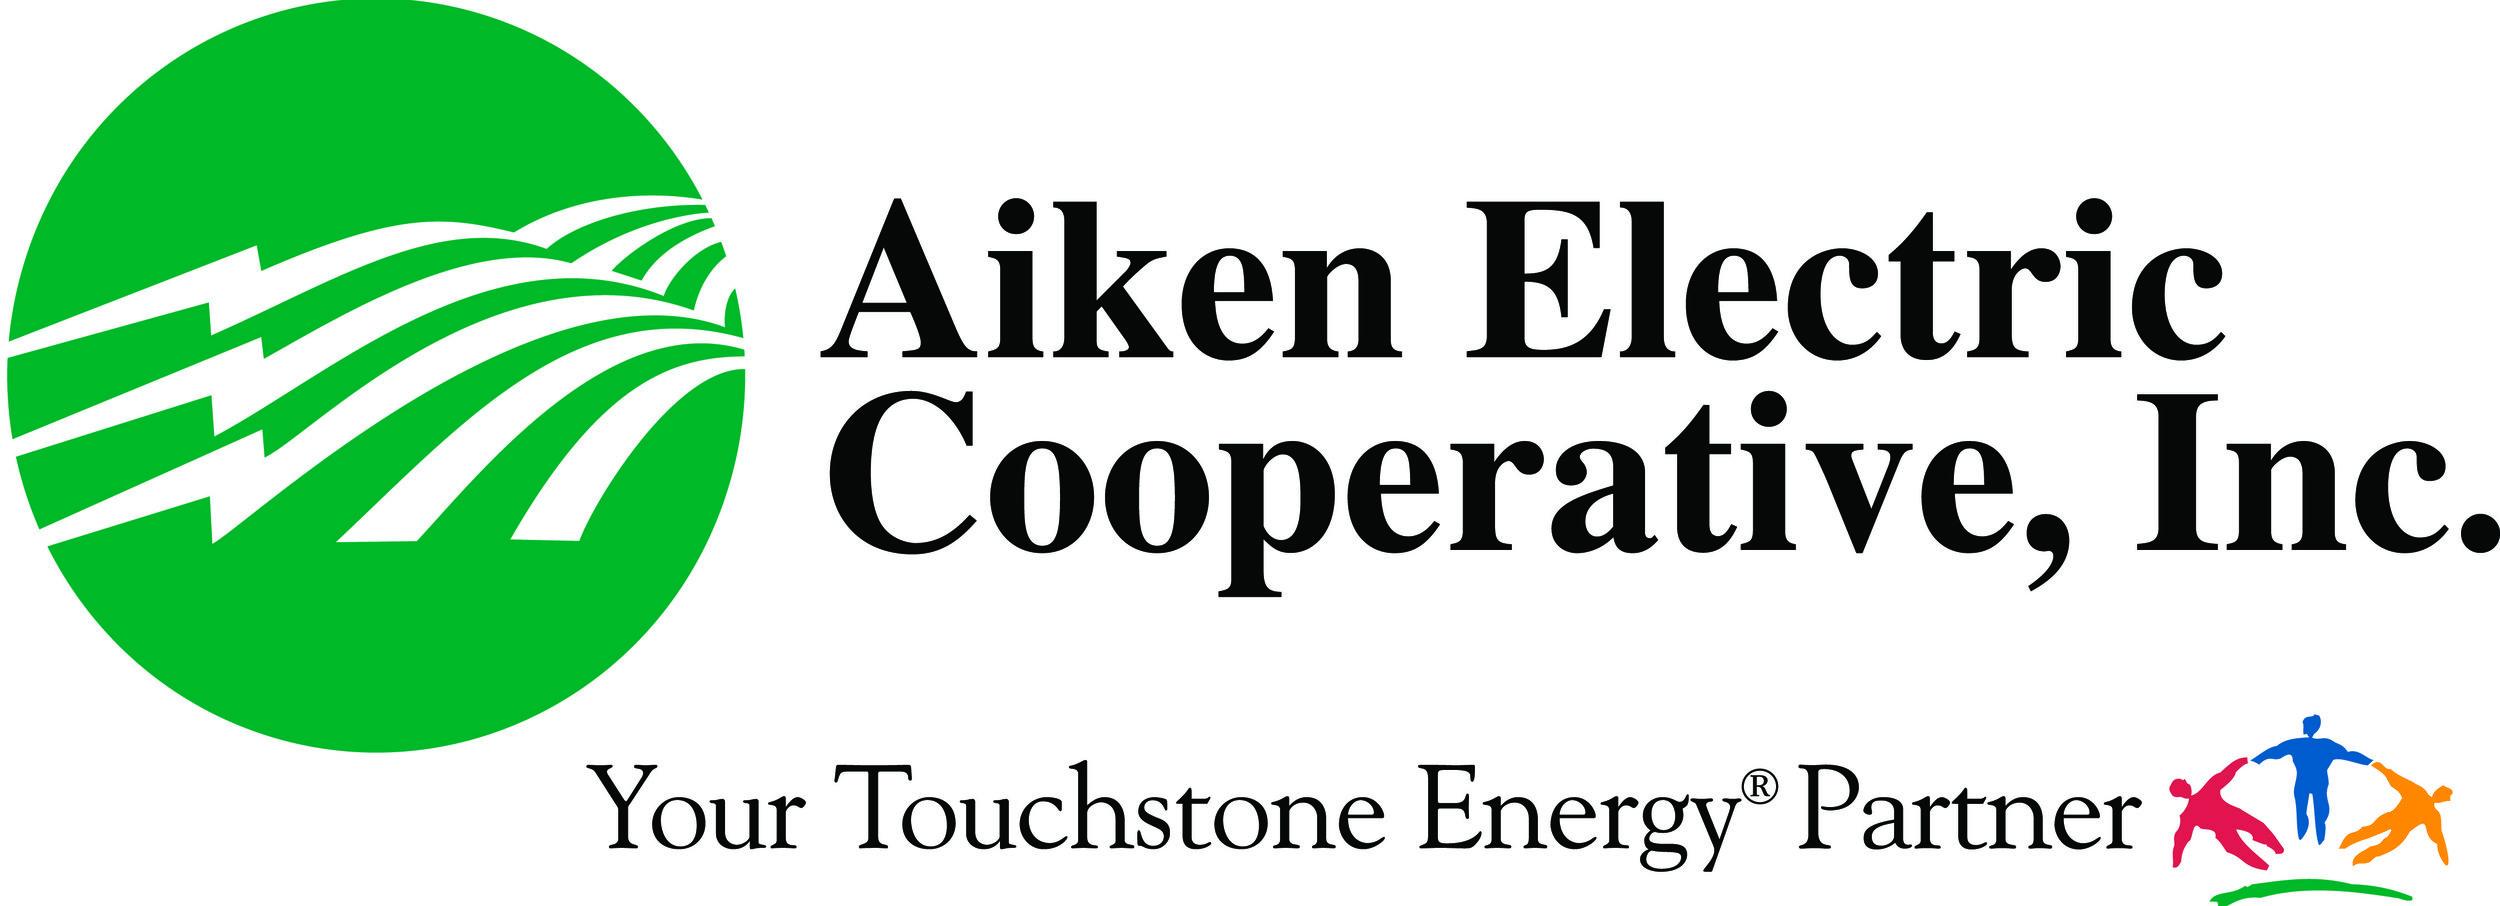 AikenElectric-logo-large.jpg